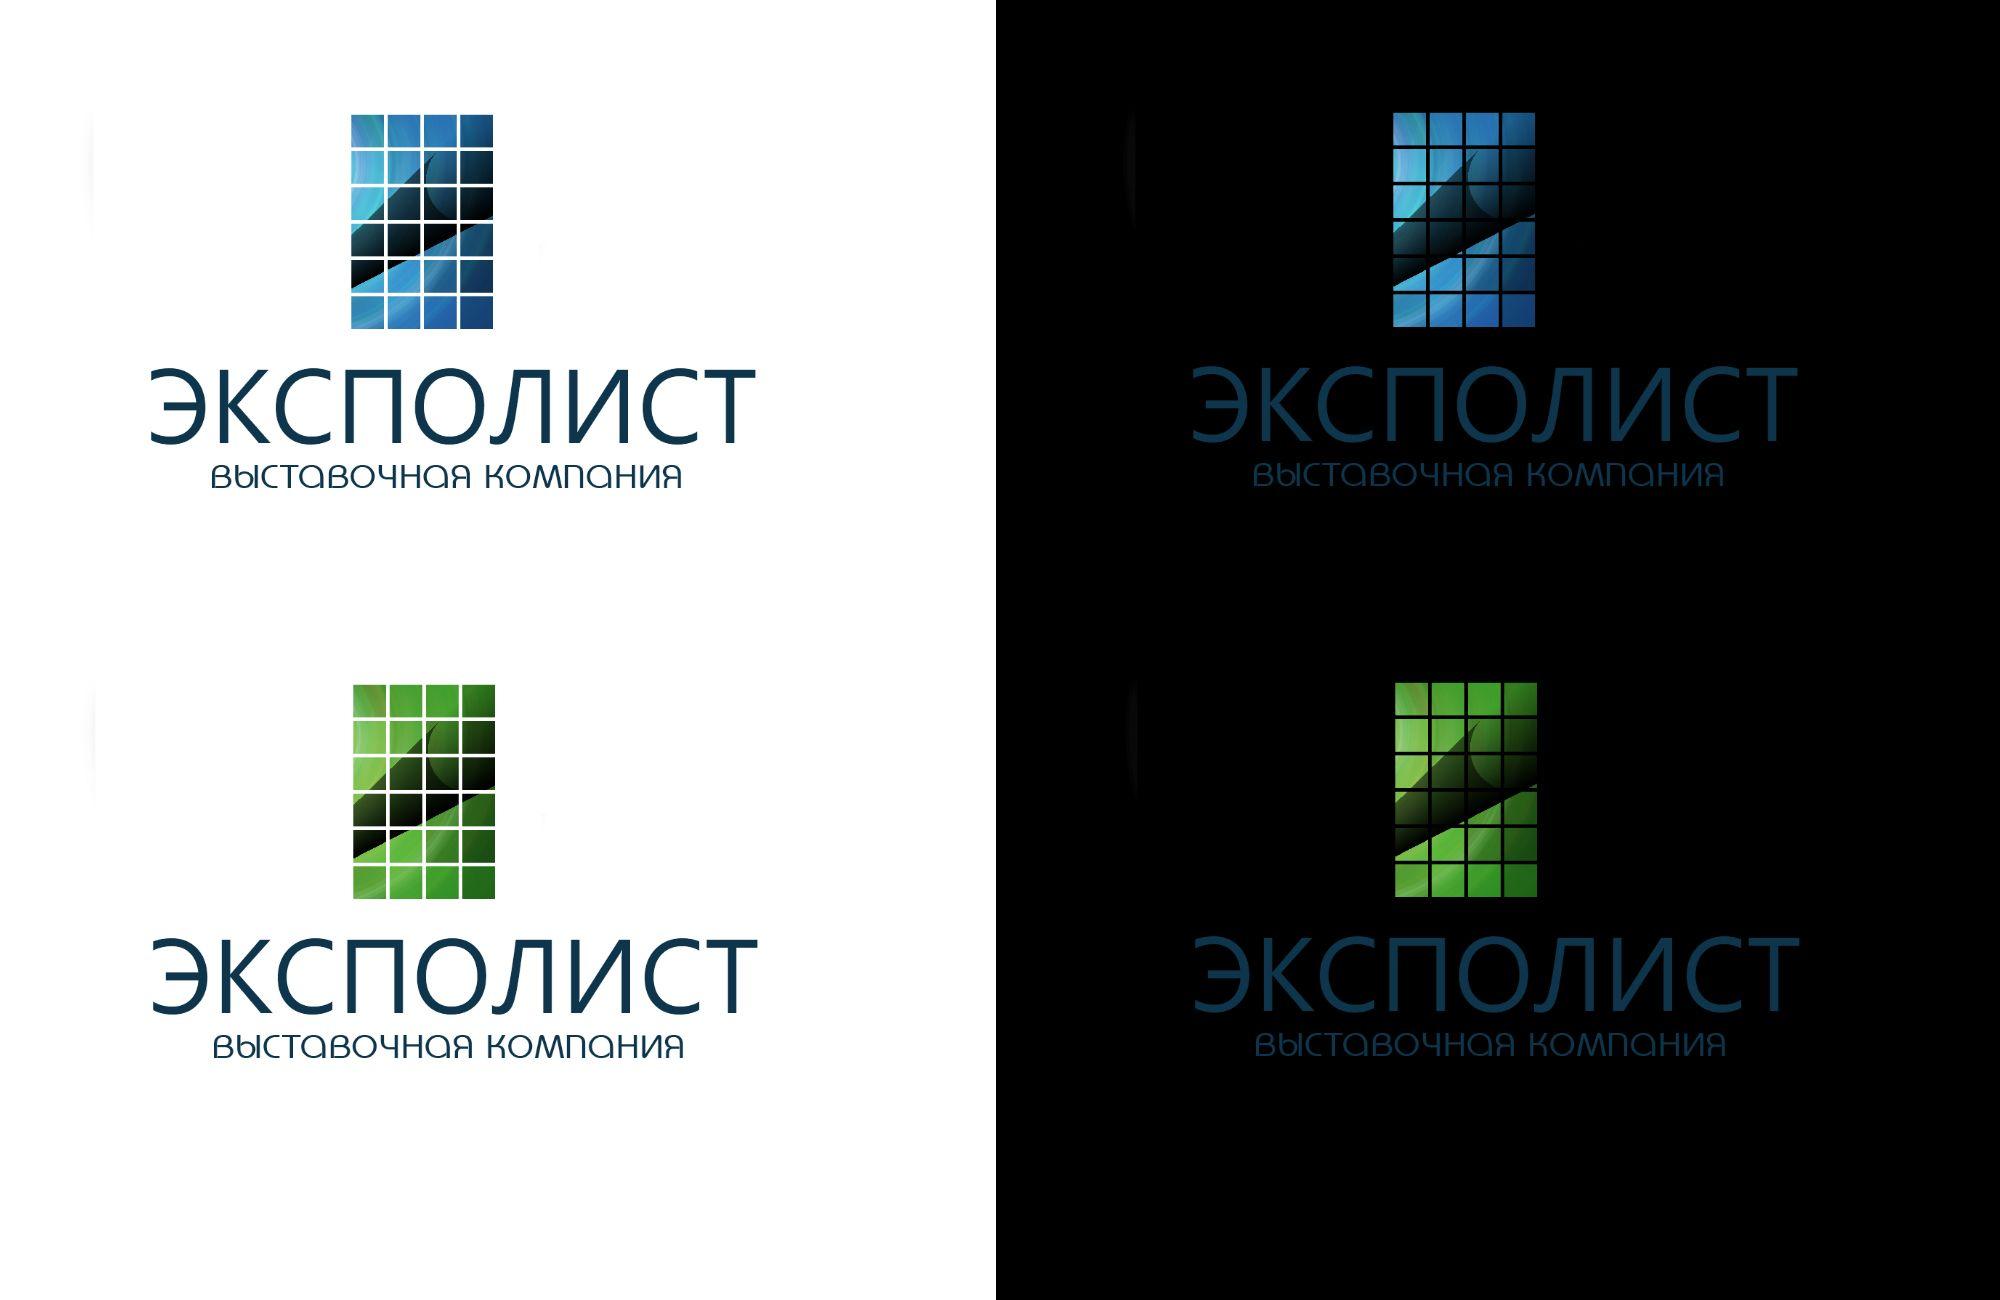 Логотип выставочной компании Эксполист - дизайнер GQmyteam